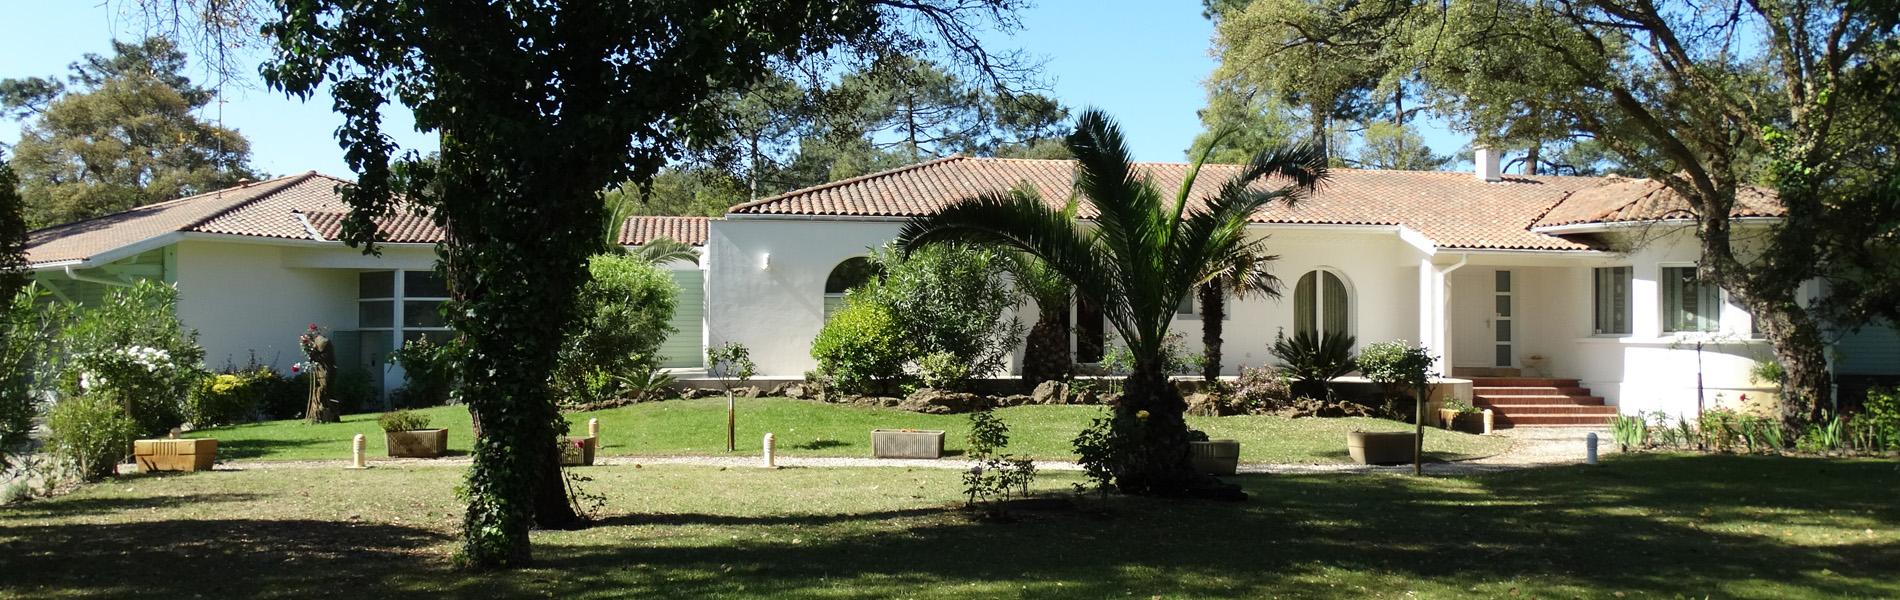 Terres oc an agence immobili re hossegor et biarritz vente de maisons et appartements for Achat villa de prestige